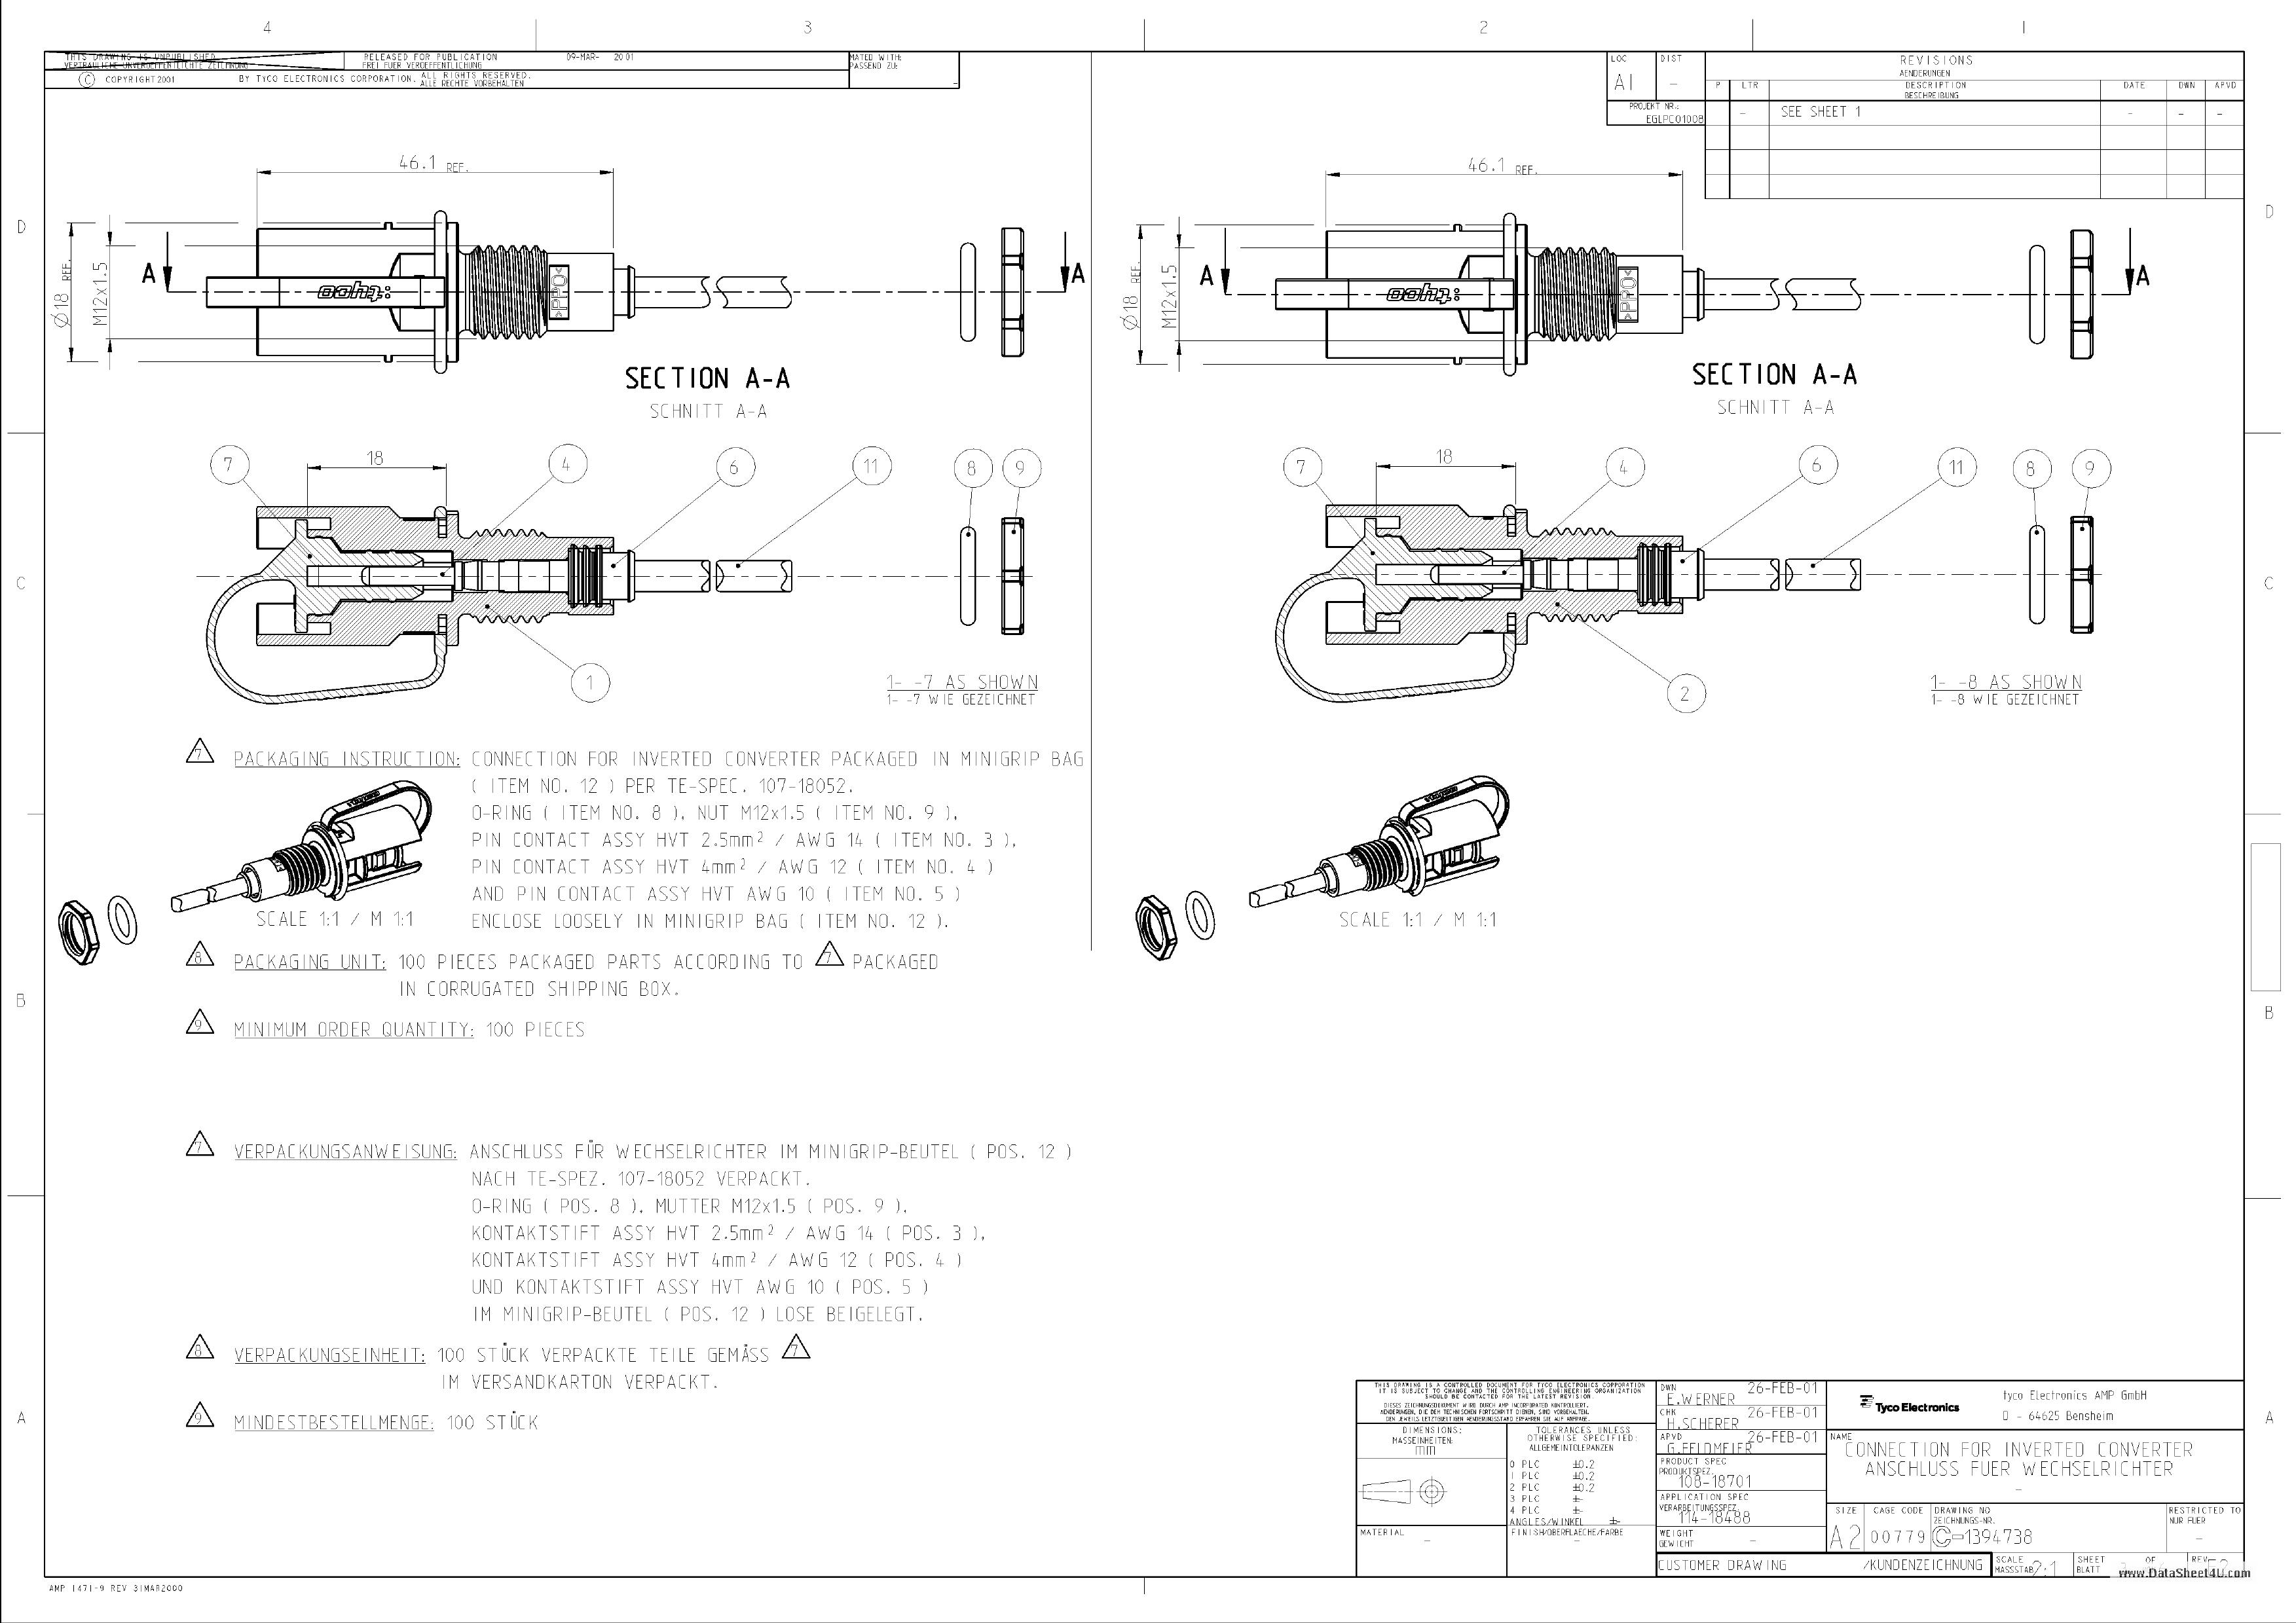 C-1394738 Даташит, Описание, Даташиты